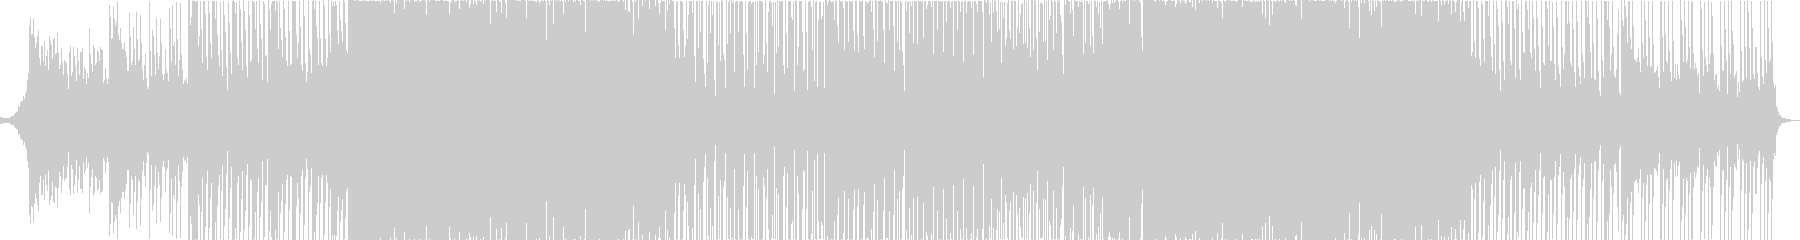 ポップなメロディーが特徴のEDMの未再生の波形